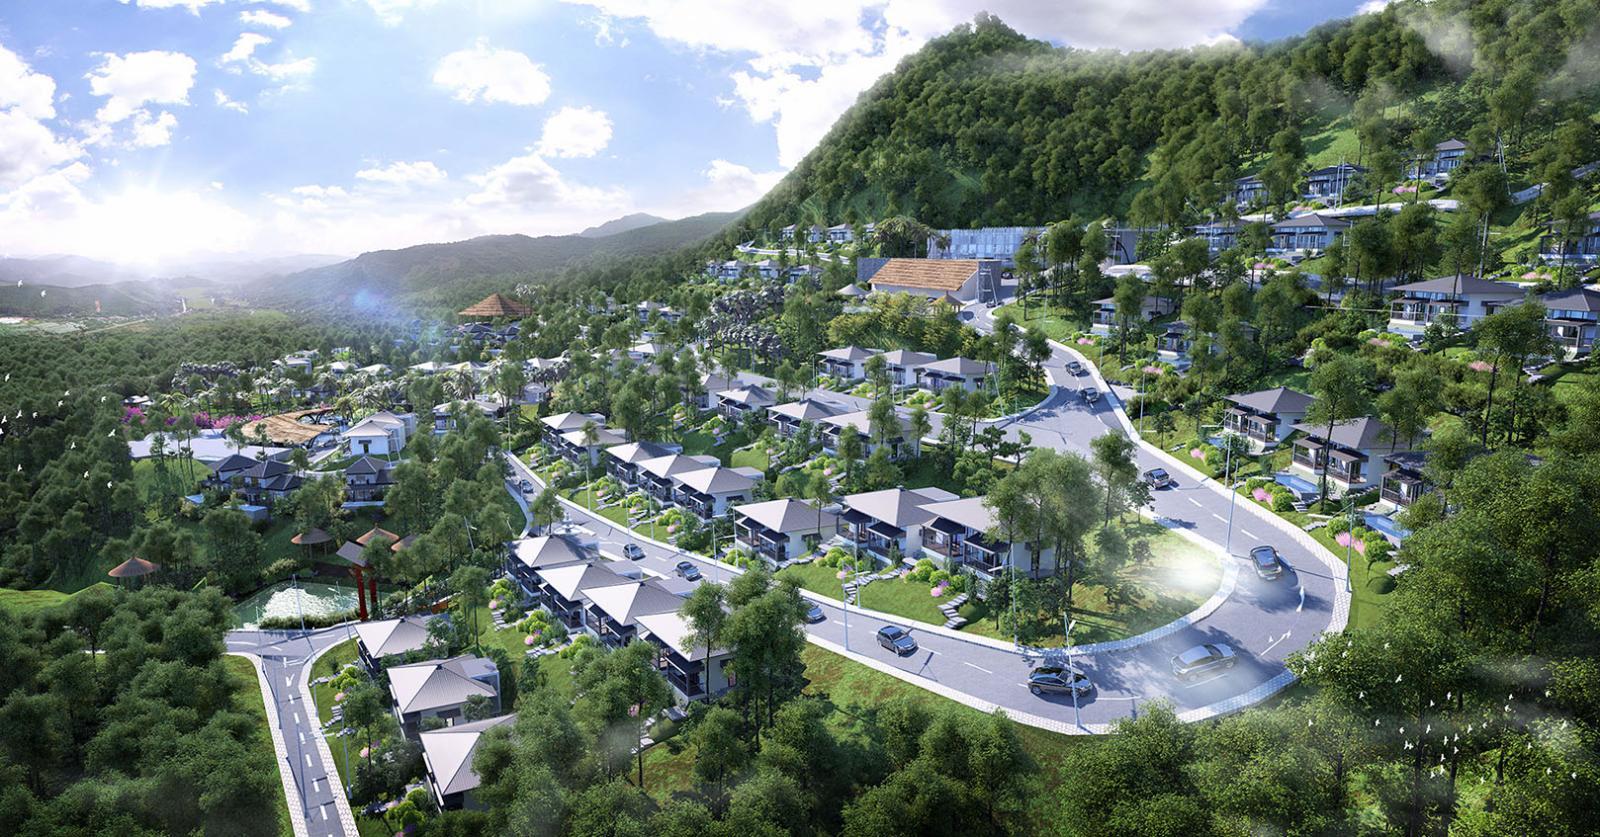 Phối cảnh tổng thể dự án Onsen Villas & Resort Hòa Bình tại Kỳ Sơn, Hòa Bình